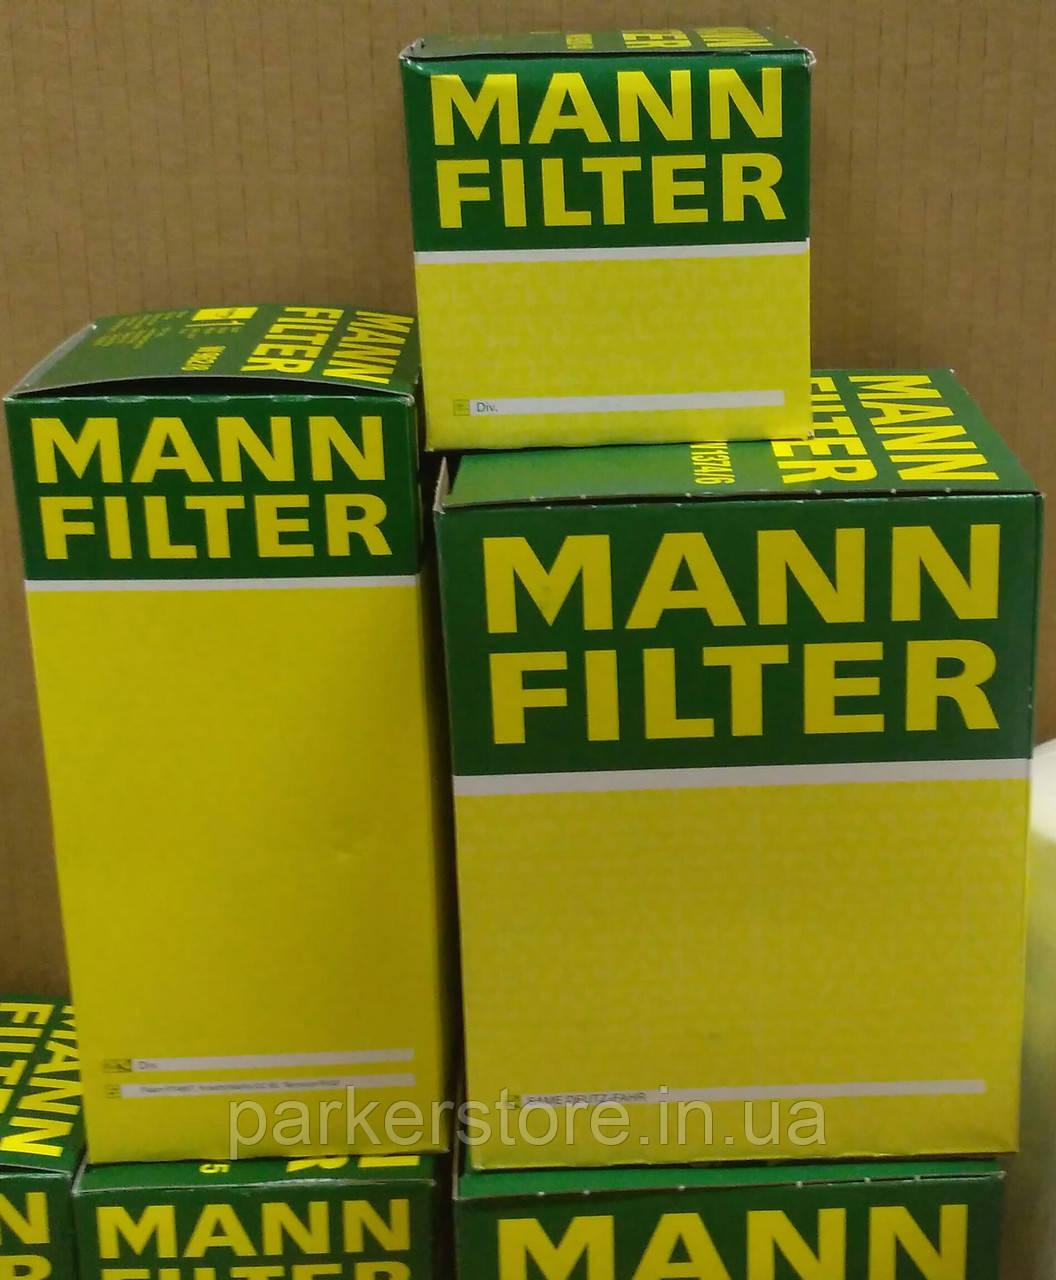 MANN FILTER / Повітряний фільтр / C 1677 / C1677